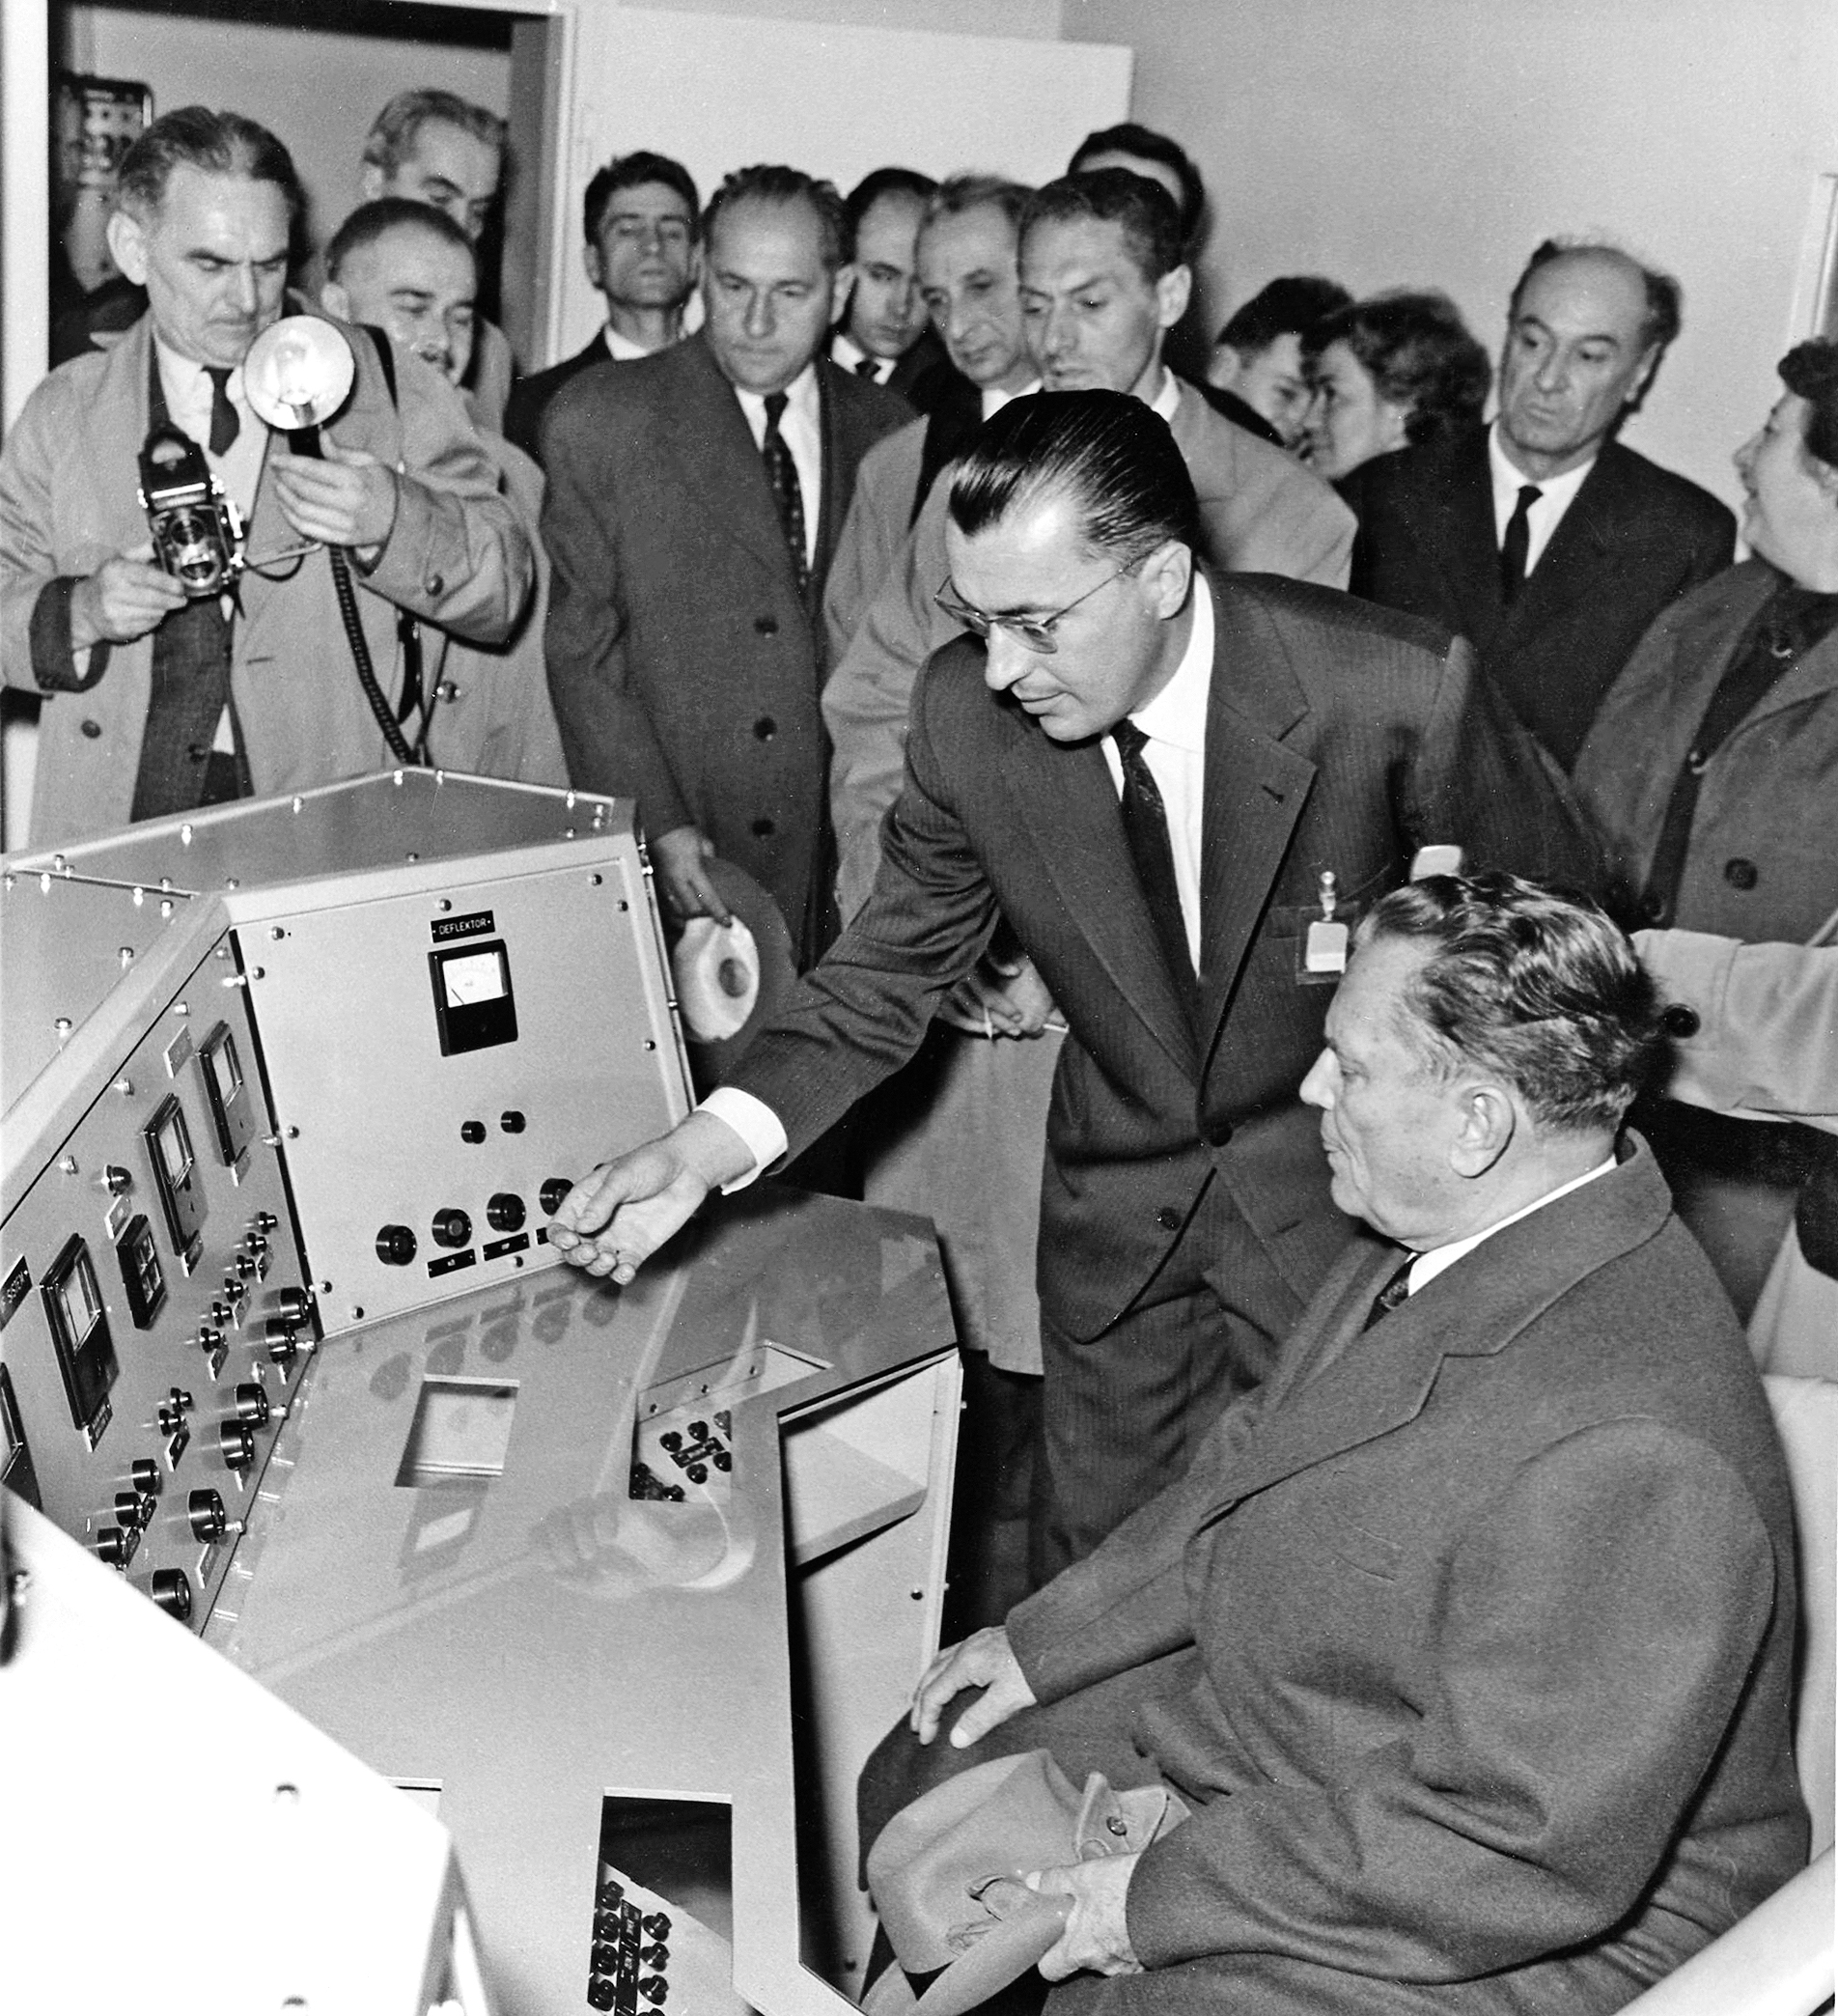 Inženjer Marcel Lažanski (čovjek s naočalama) upoznaje Tita s radom ciklotrona